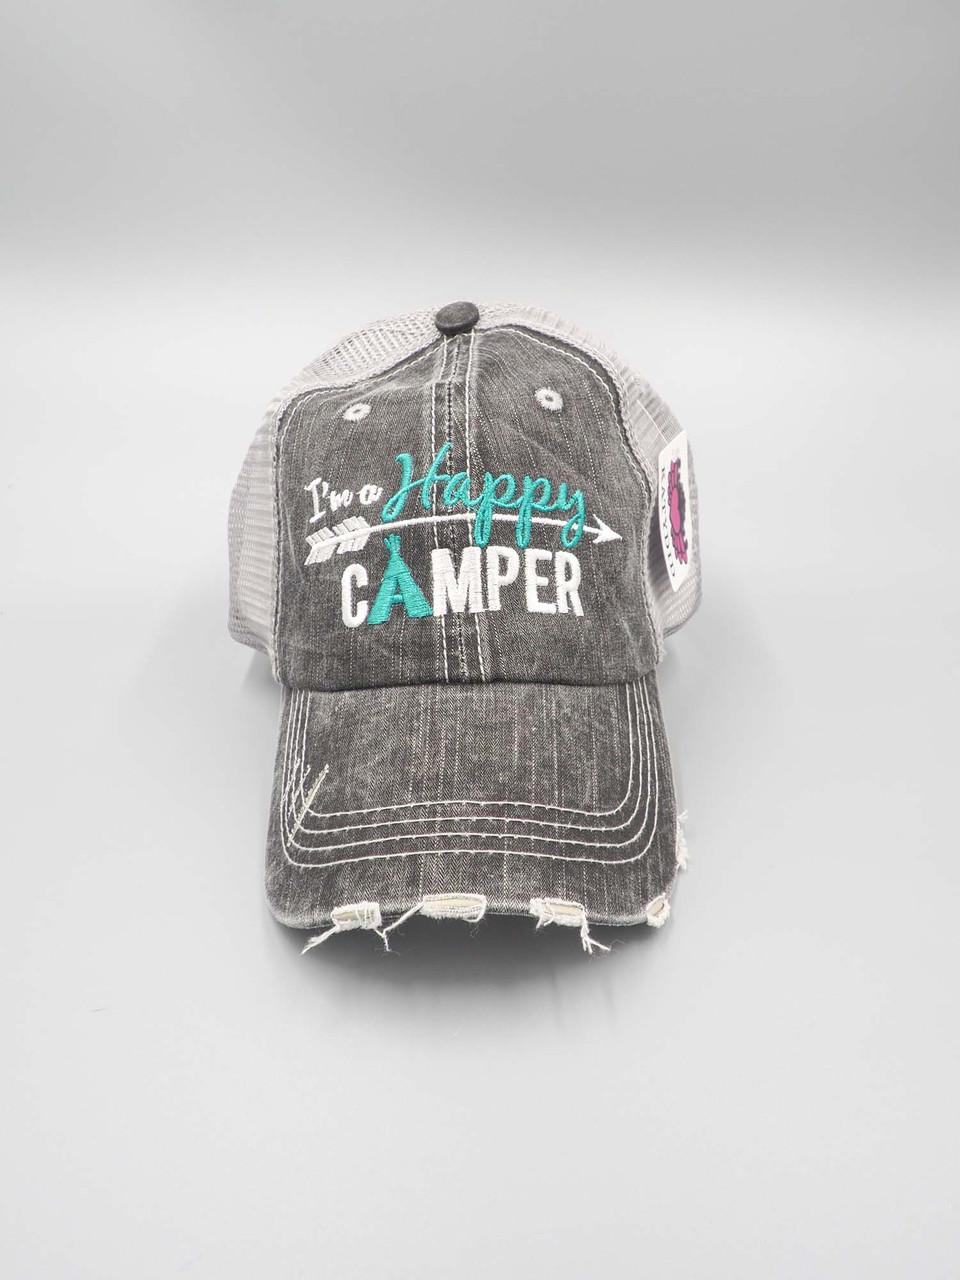 happy camper teal trucker hat katydid